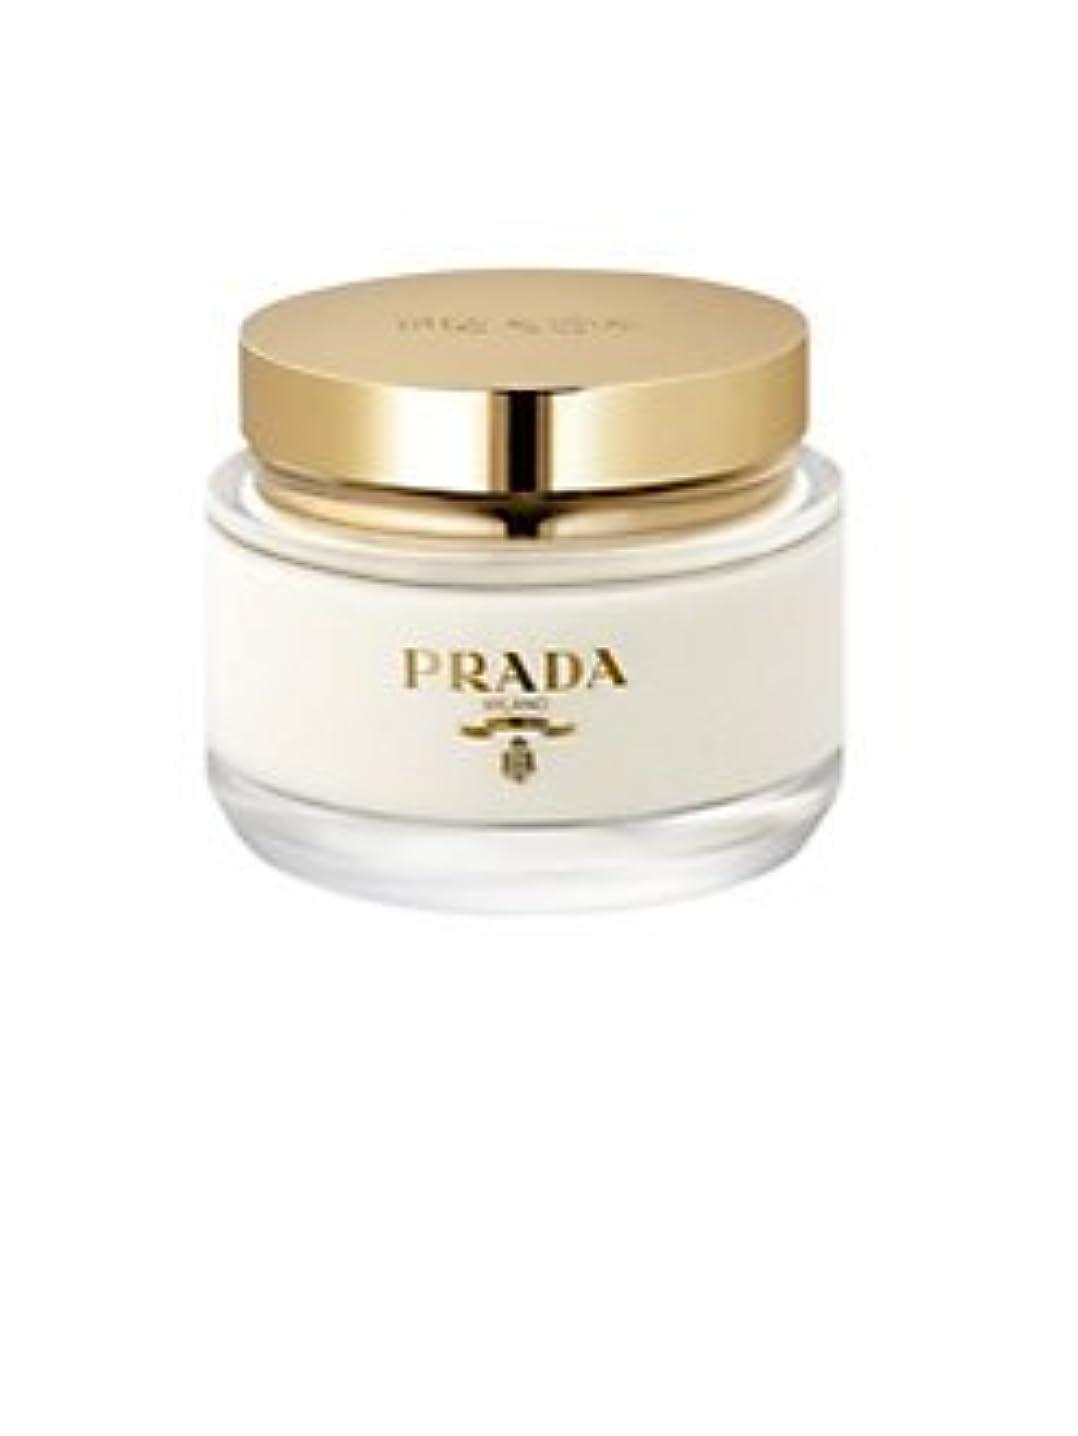 聴衆悲劇的な遡るLa Femme Prada (ラ フェム プラダ) 6.7 oz (200ml) Body Cream for Women